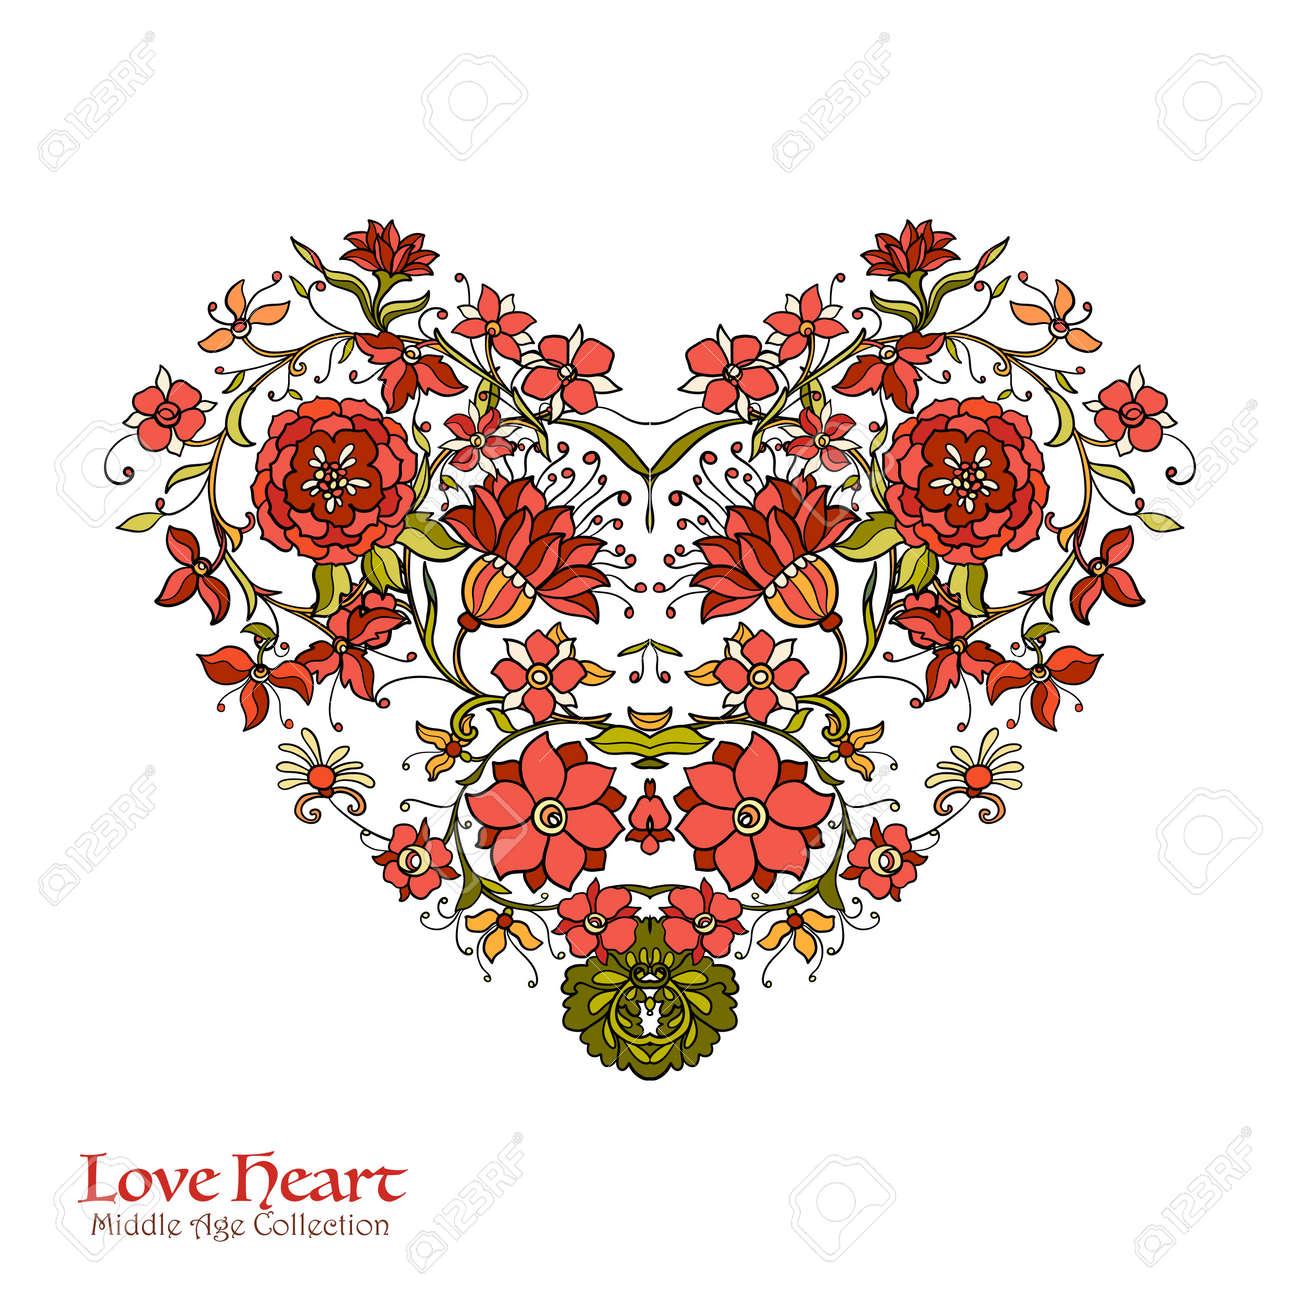 Vettoriale   Amore Decorativo Cuore In Stile Rococò, Vittoriano